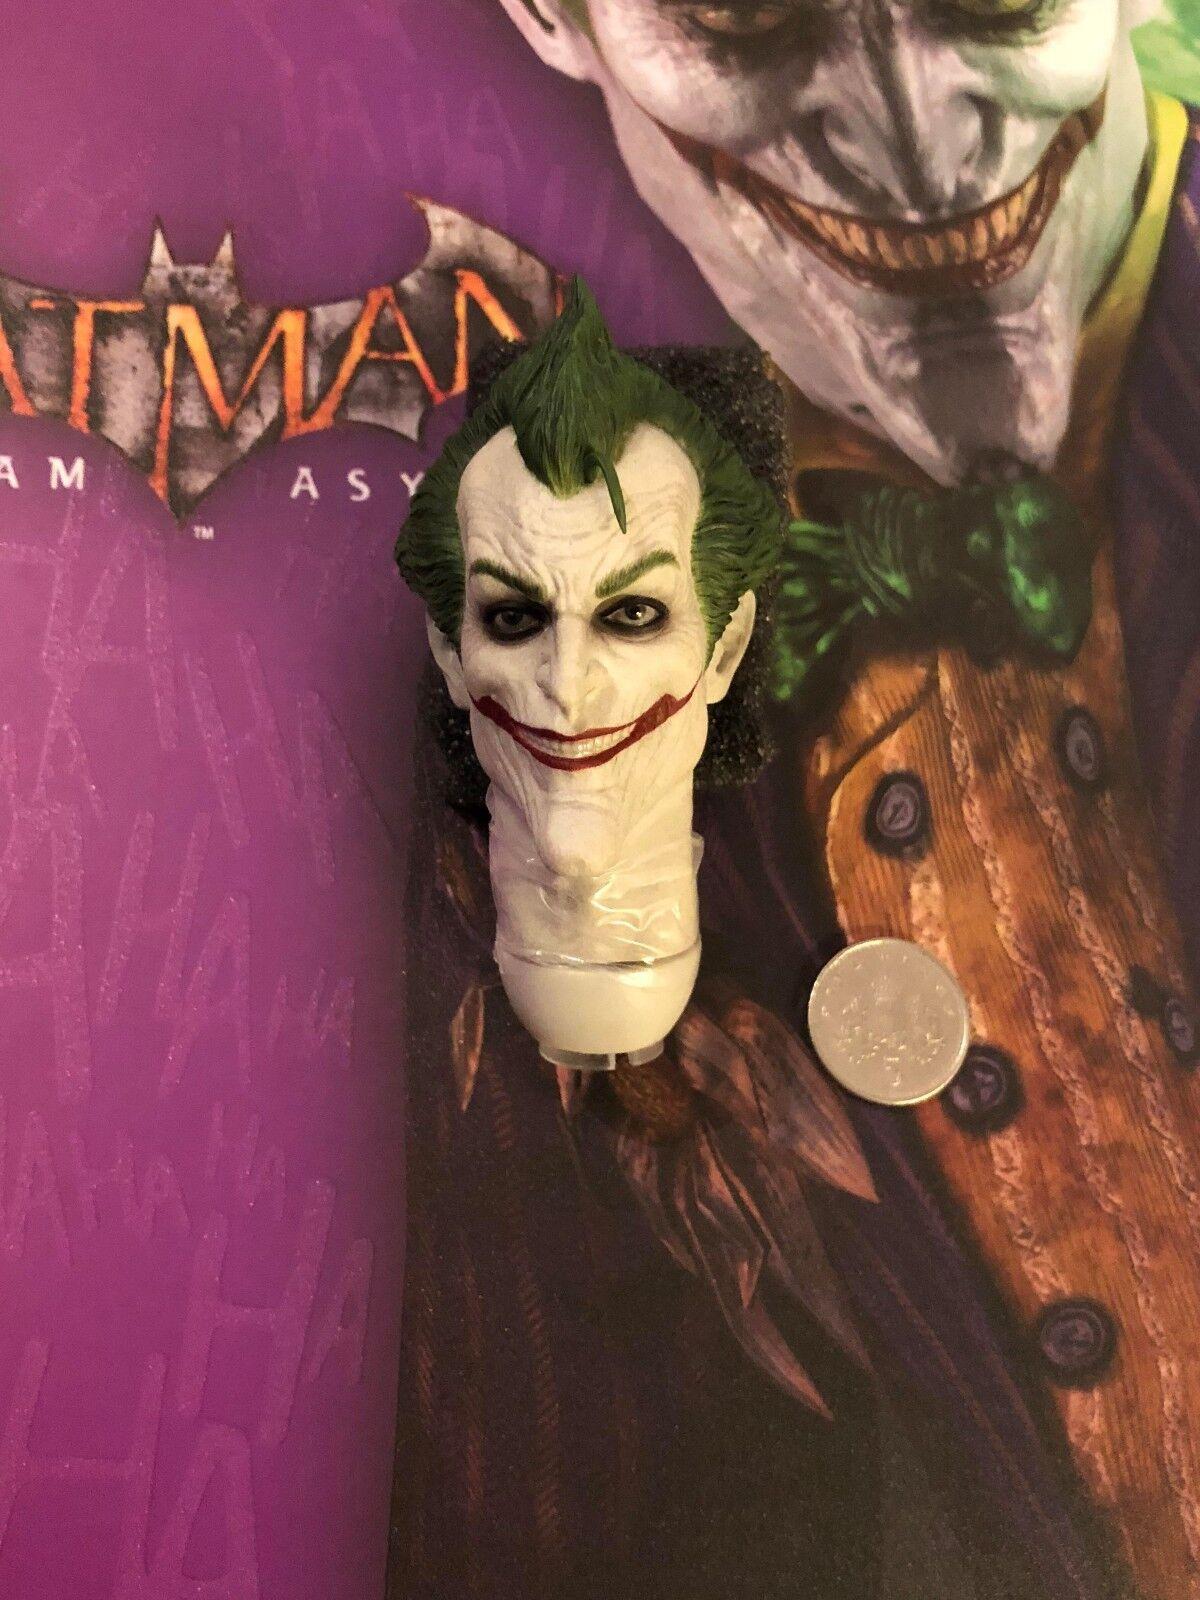 Hot Toys Batman Arkham Asylum Asylum Asylum VGM27 Joker Head Sculpt loose 1 6th scale 389cf3